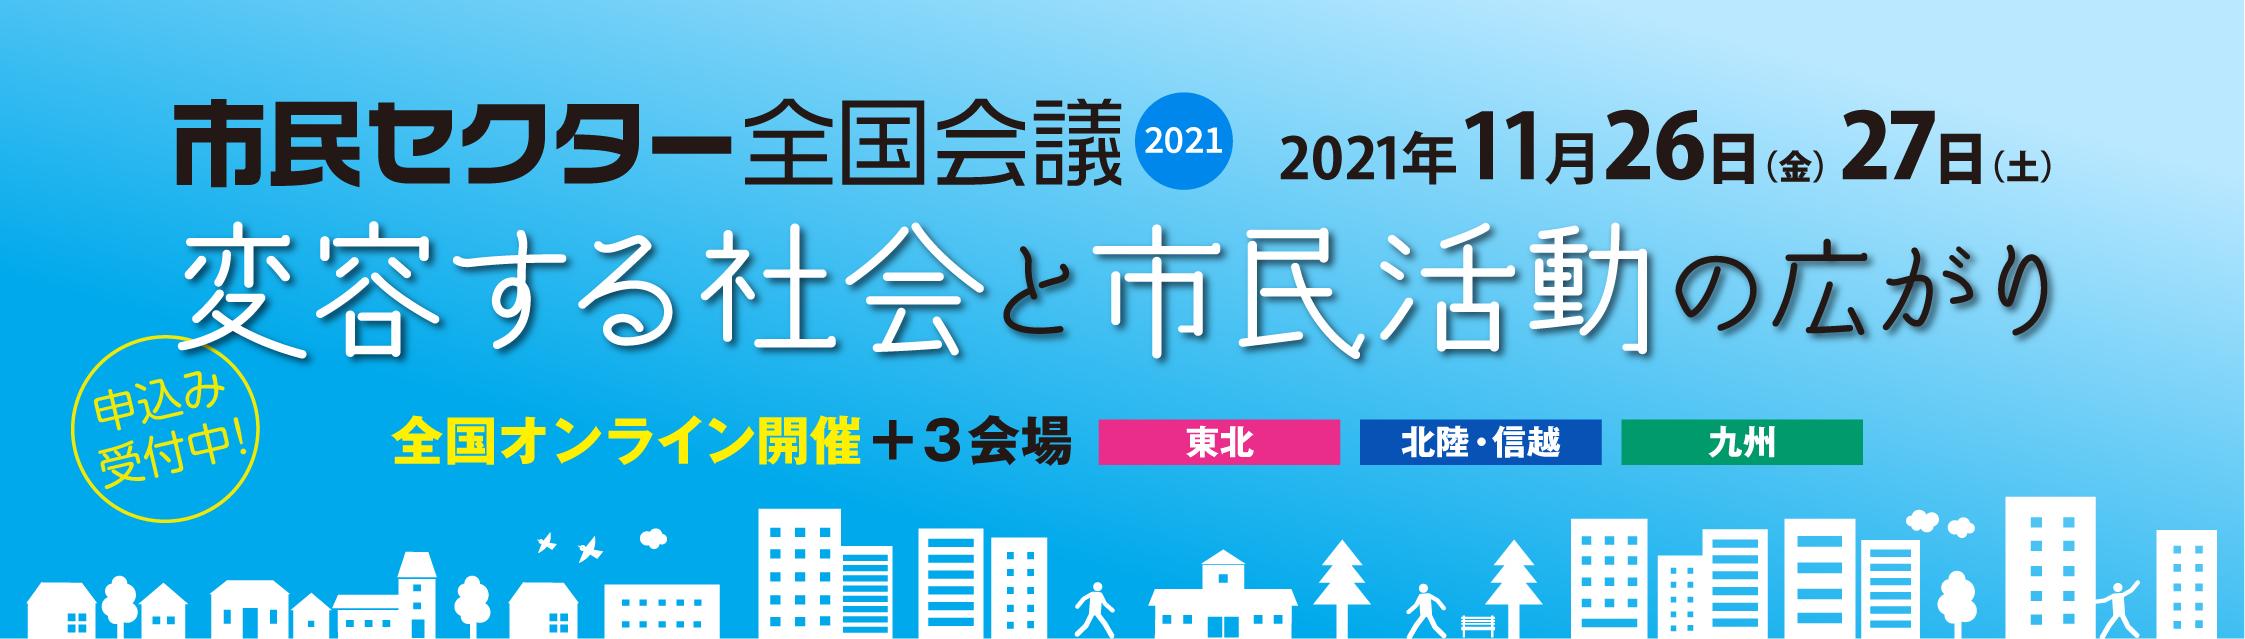 市民セクター全国会議2021サイトオープン